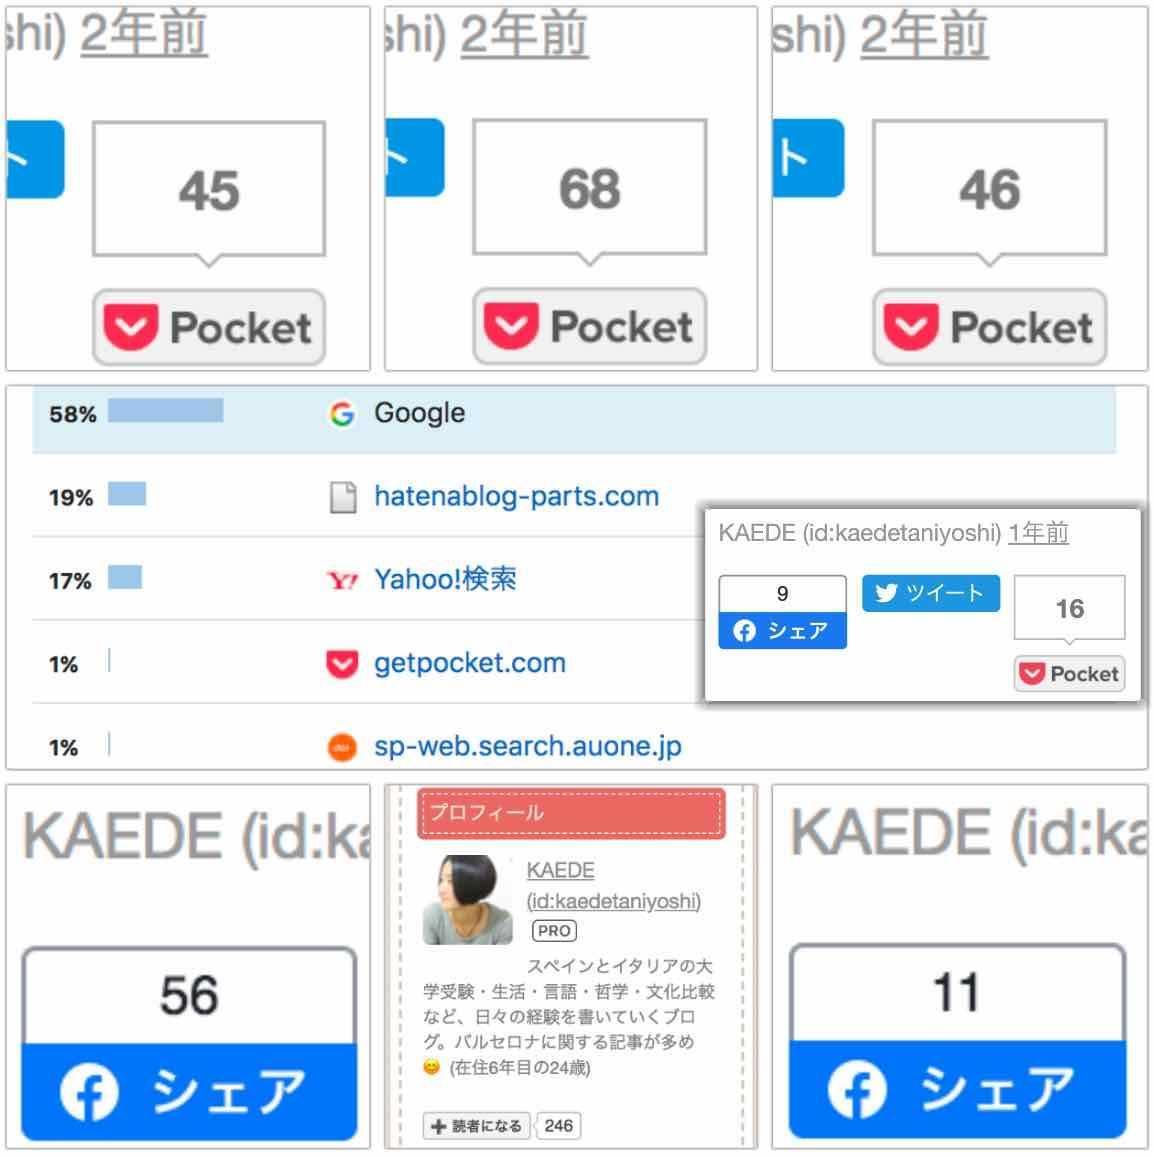 f:id:kaedetaniyoshi:20200306055921j:plain